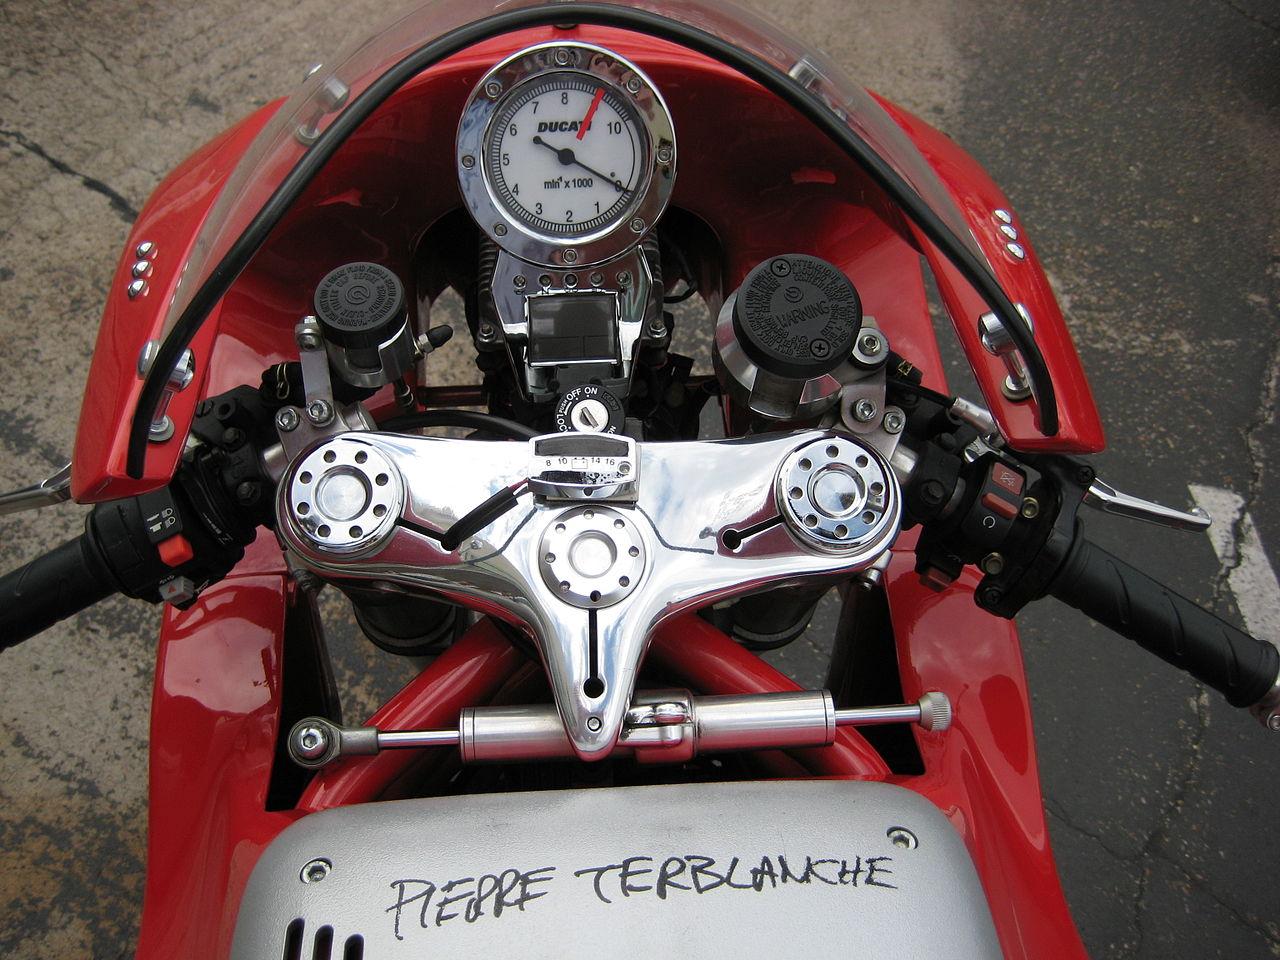 Ducati Mhe For Sale Canada